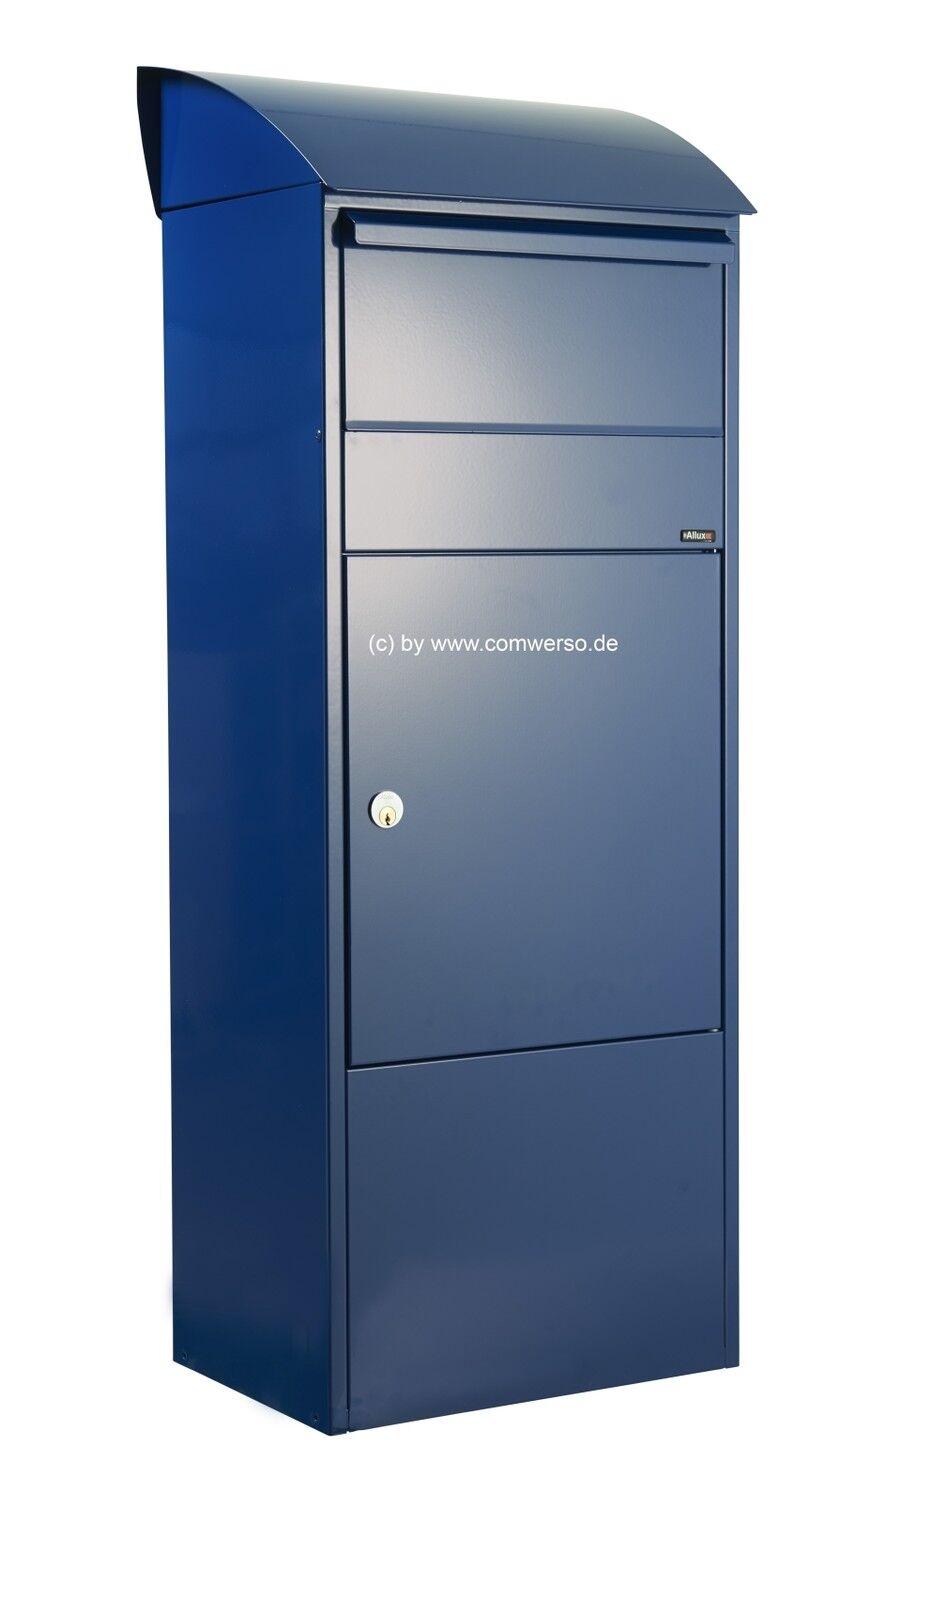 Allux 820 Paketbriefkasten in blau, Entnahme  vorne, mit Montagefuß in schwarz